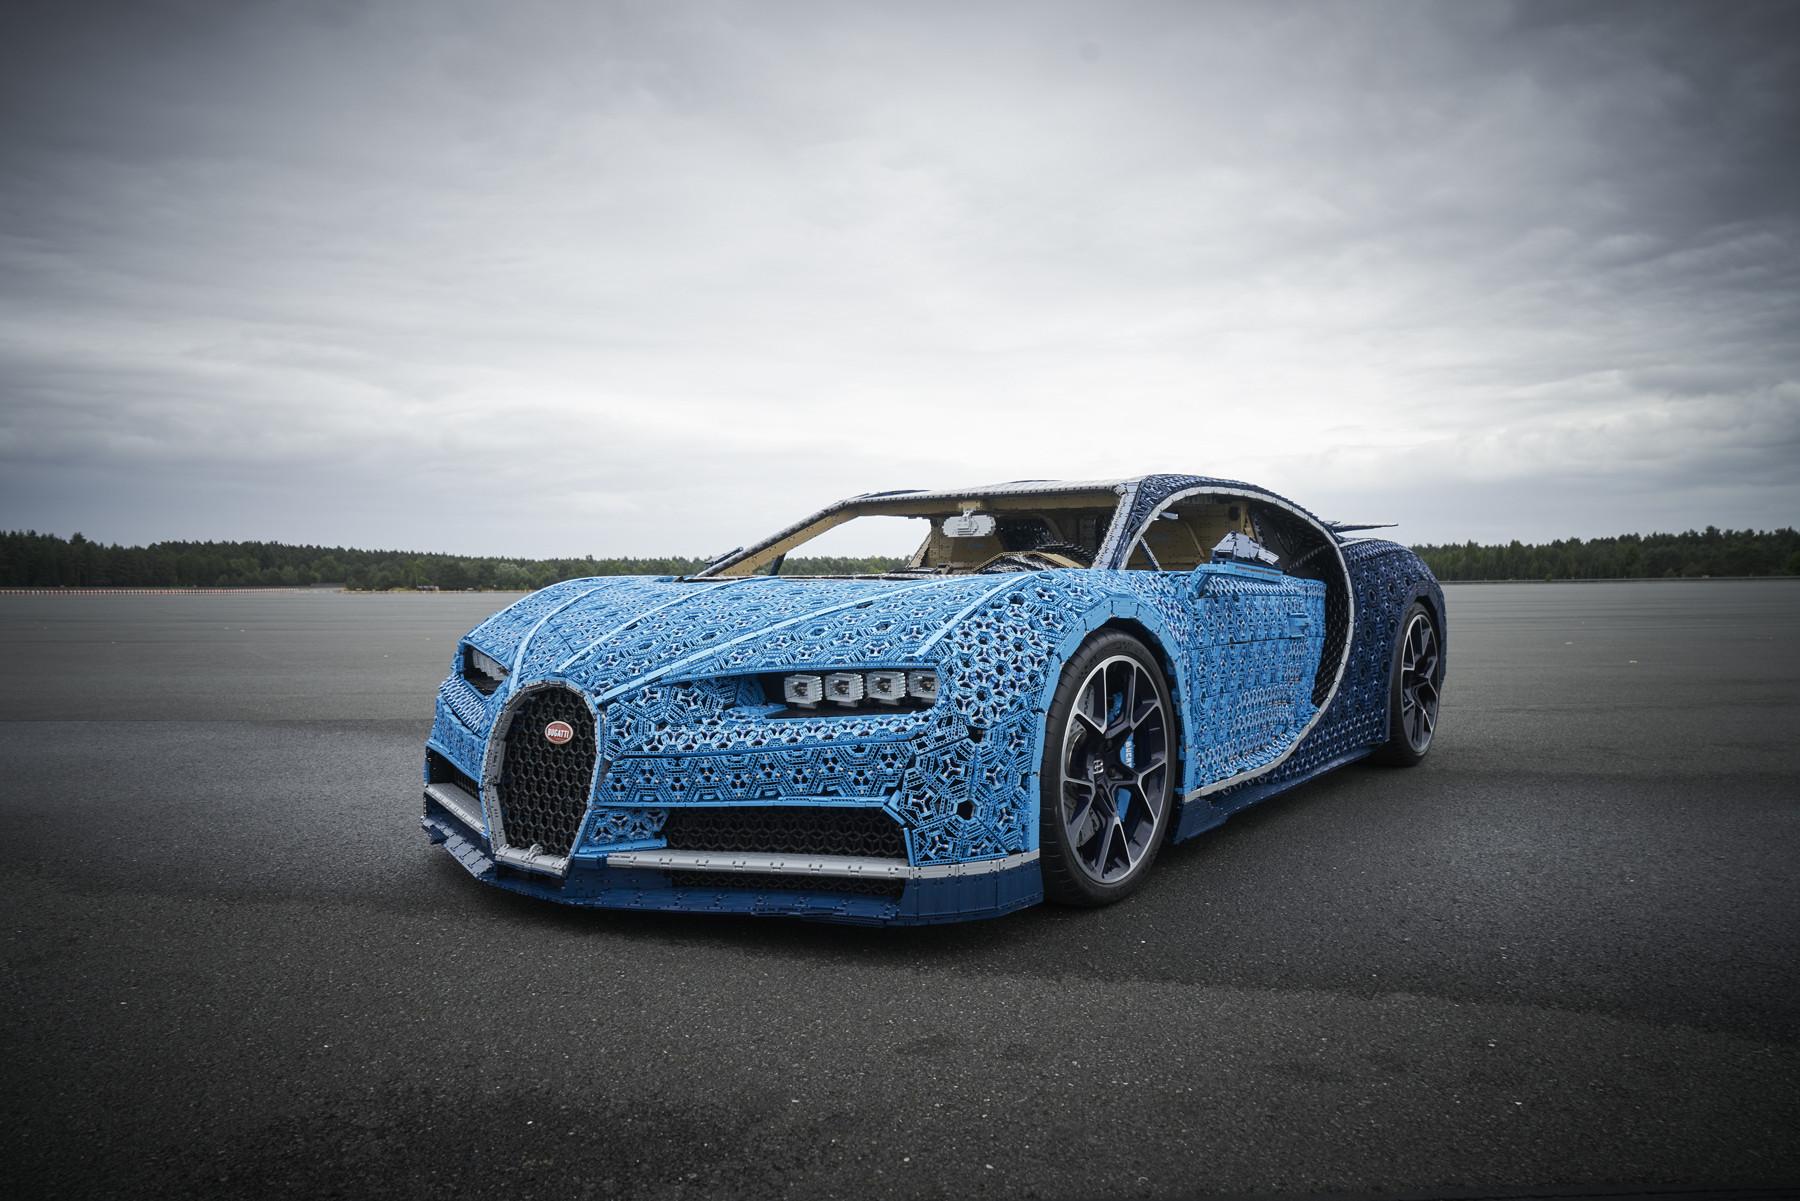 LEGO Technic Bugatti Chiron interamente costruita con i mattoncini del LEGO | Collater.al